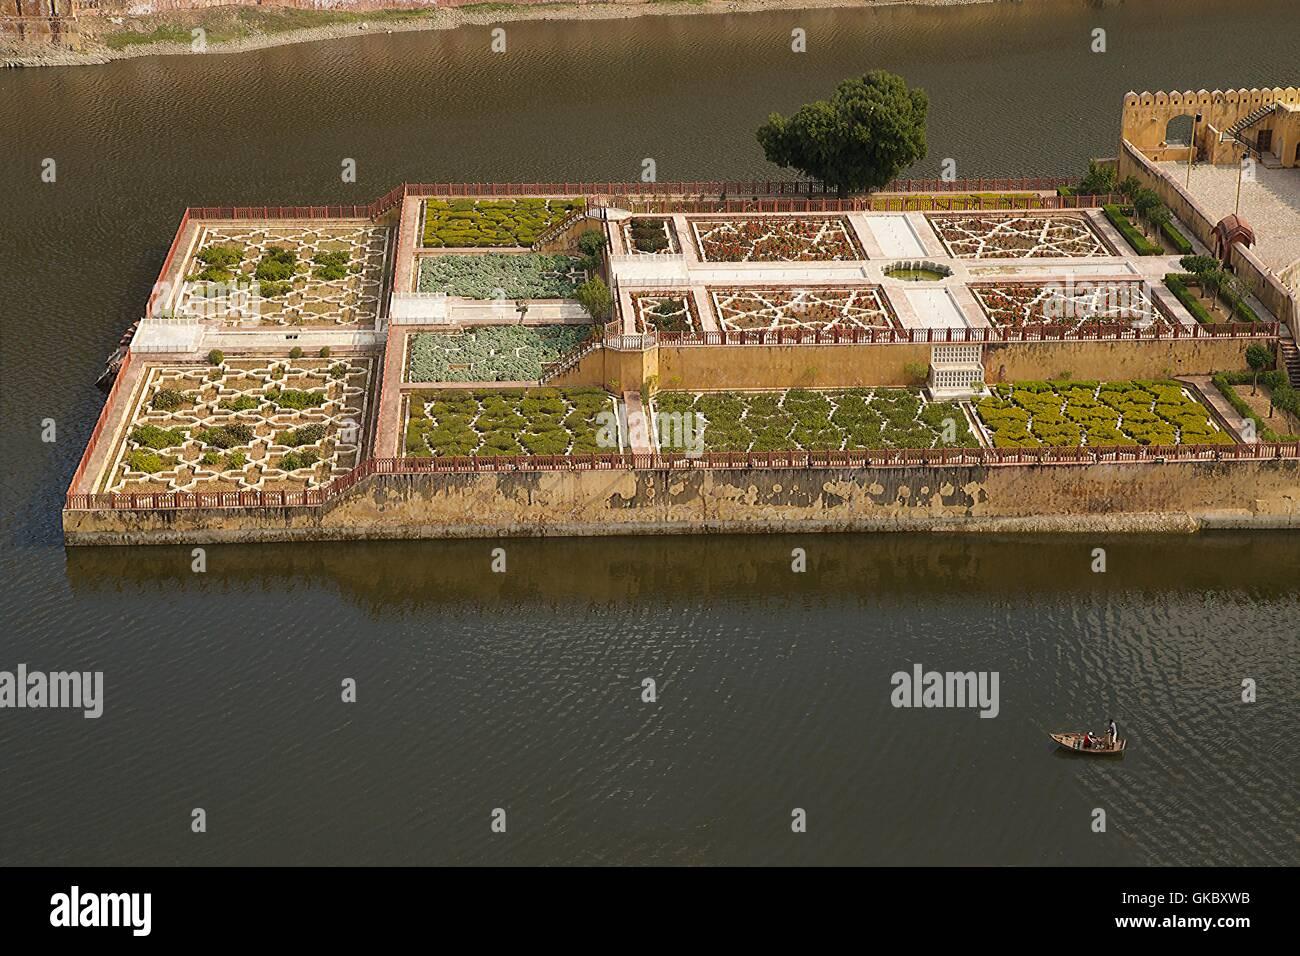 Kesar Kyari Bagh gardens, Maota Lake, Amber Fort, Jaipur, Rajasthan, India - Stock Image